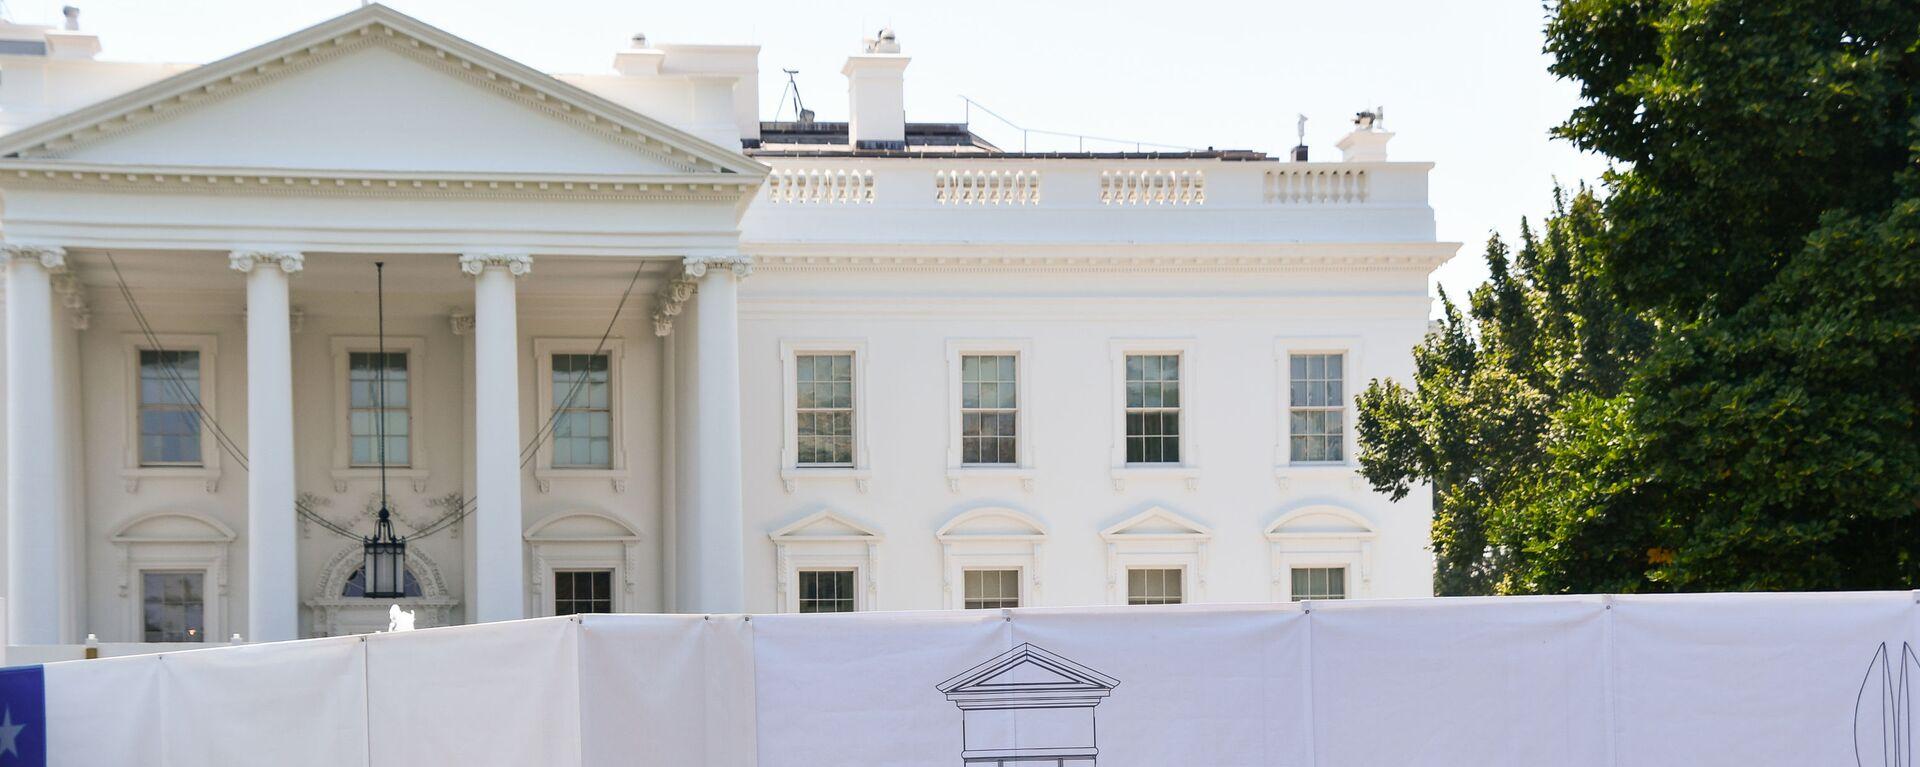 Белый дом в Вашингтоне  - Sputnik Армения, 1920, 22.09.2021